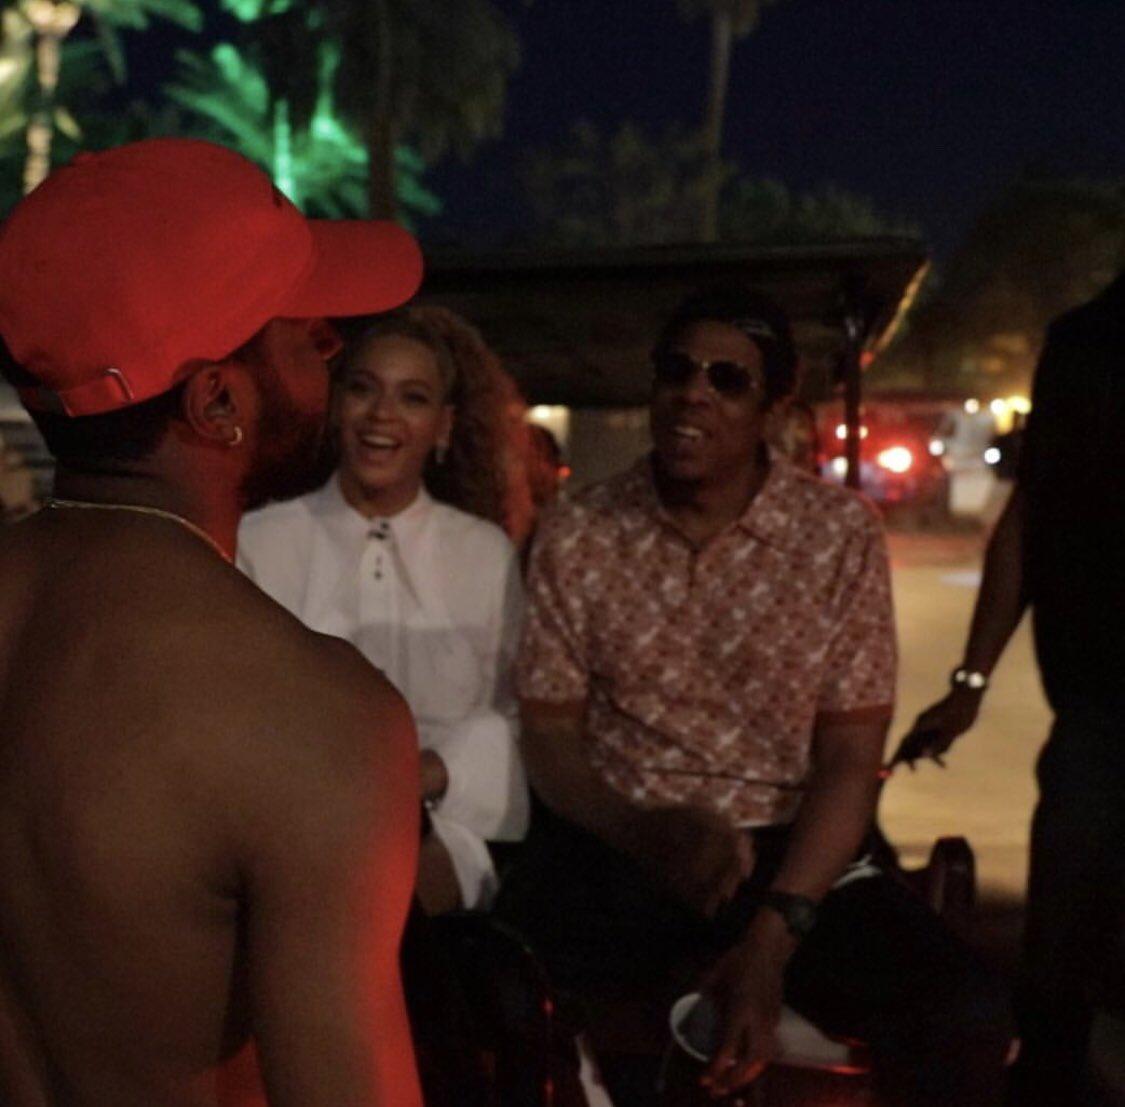 6lack met Beyoncé, so I too met Beyoncé.